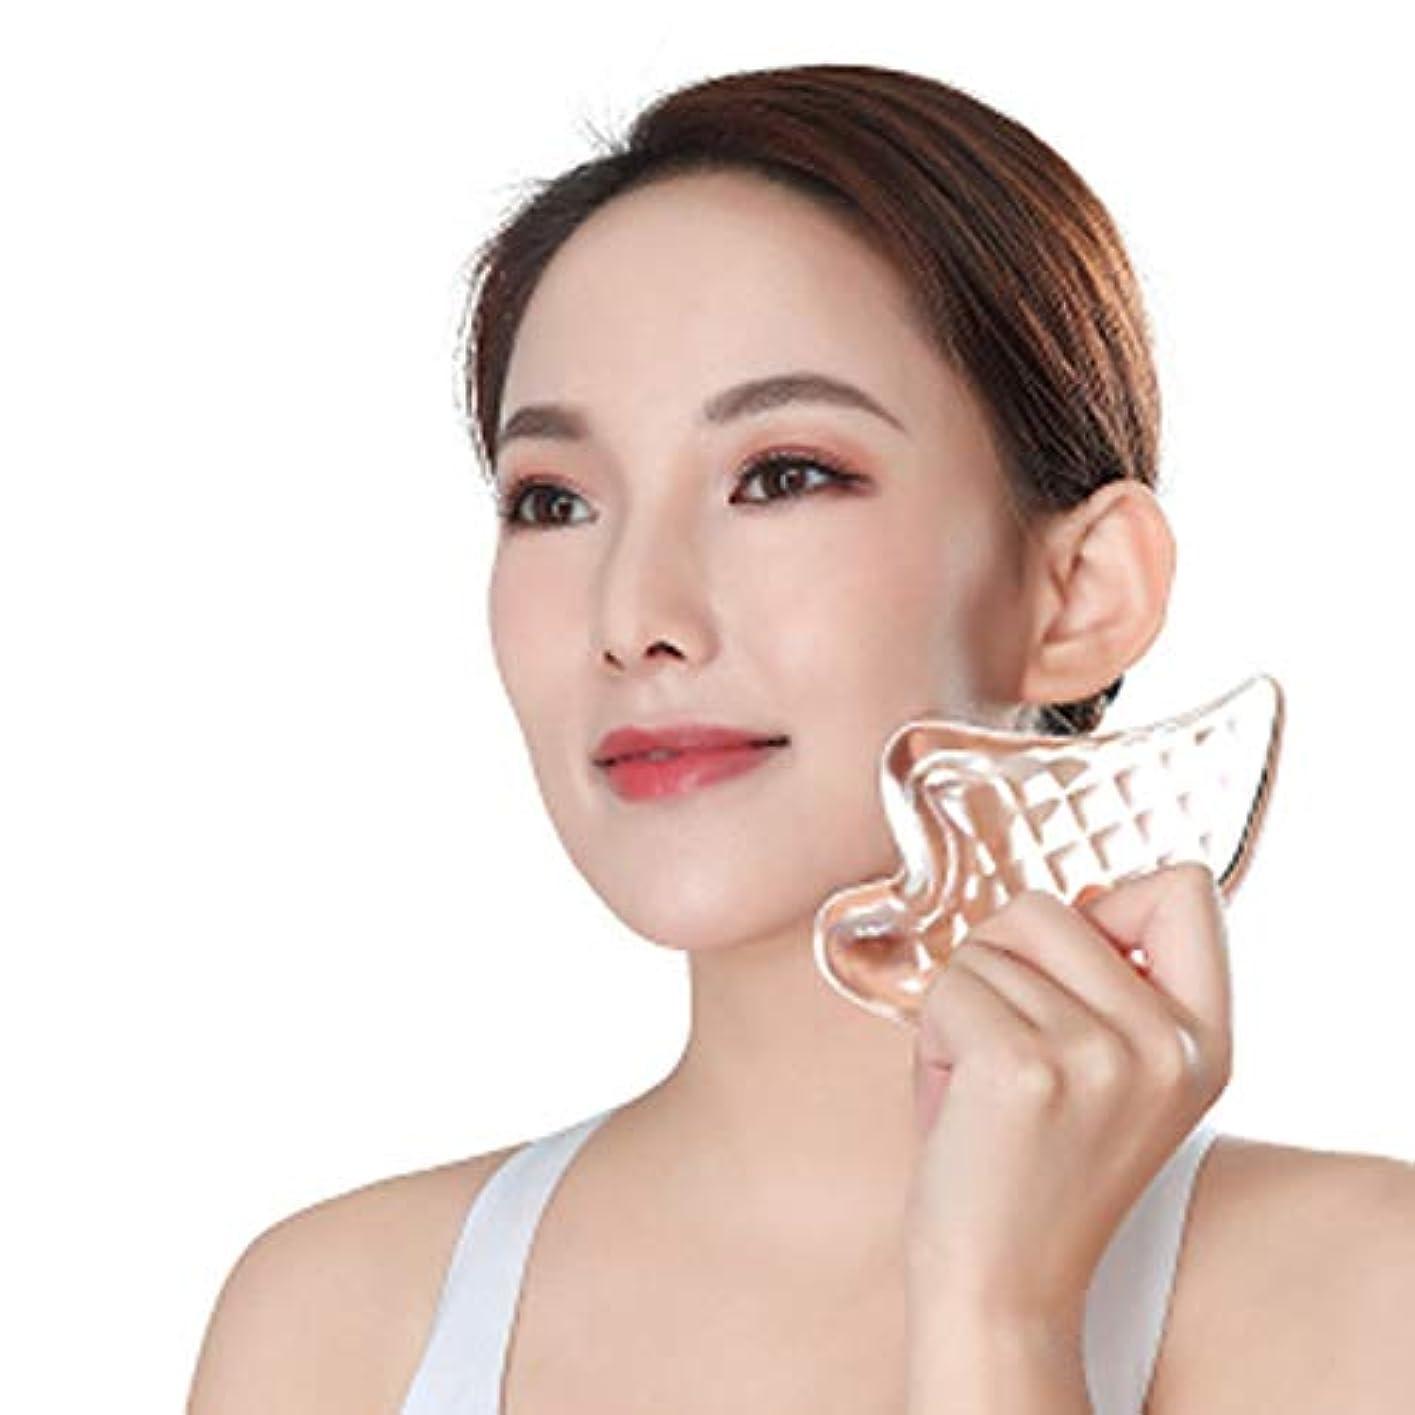 蚊束ねる瞬時にCangad かっさプレート 美顔器 高品質 3Dクリスタル 小顔 美顔グッズ 羽根型 ボディ マッサージ かっさマッサージ 刮痧 ウィング型 健康グッズ